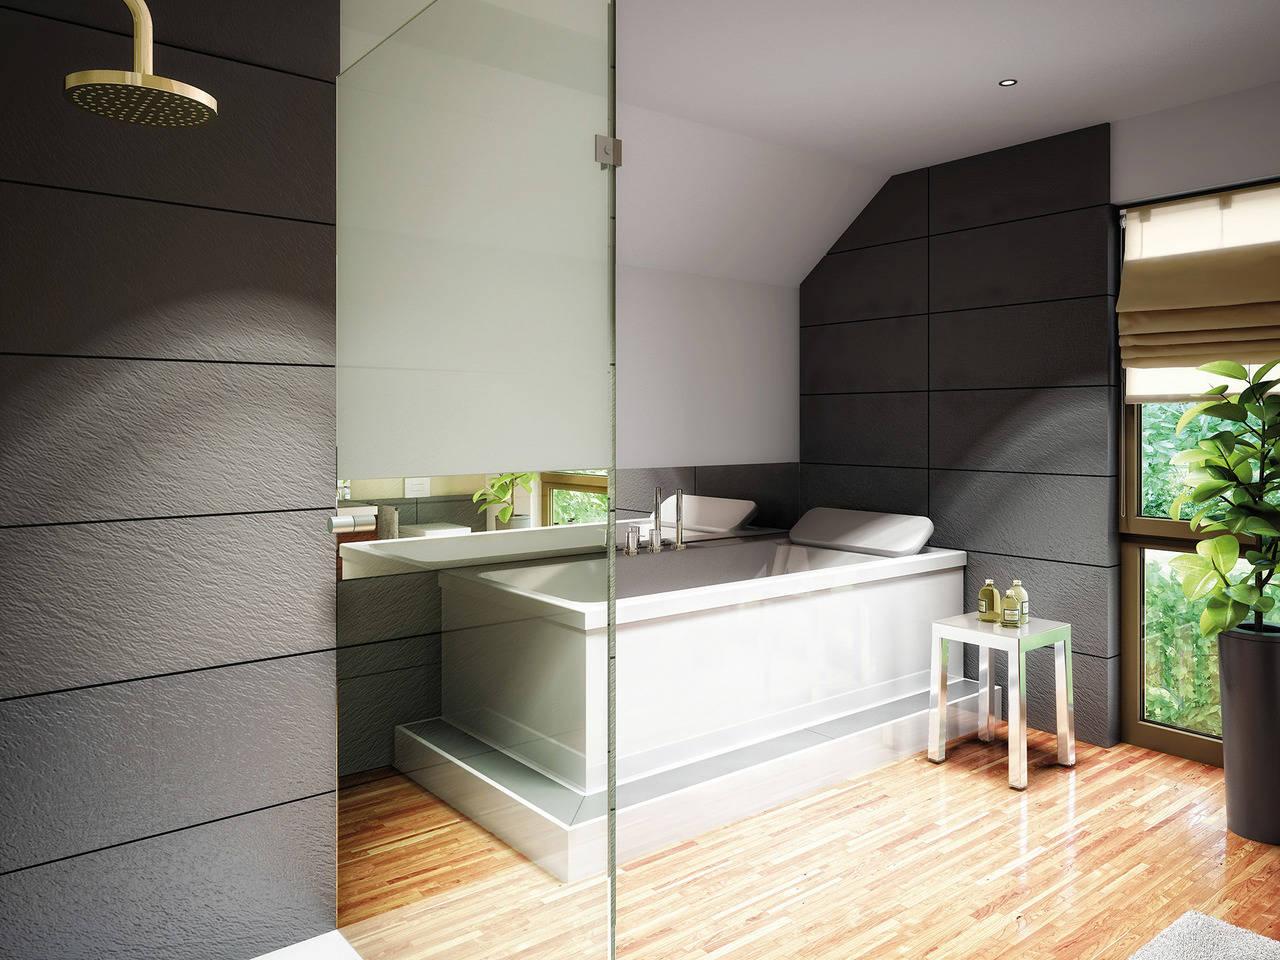 Haus SOLUTION 124 V10 Badezimmer von Living Haus